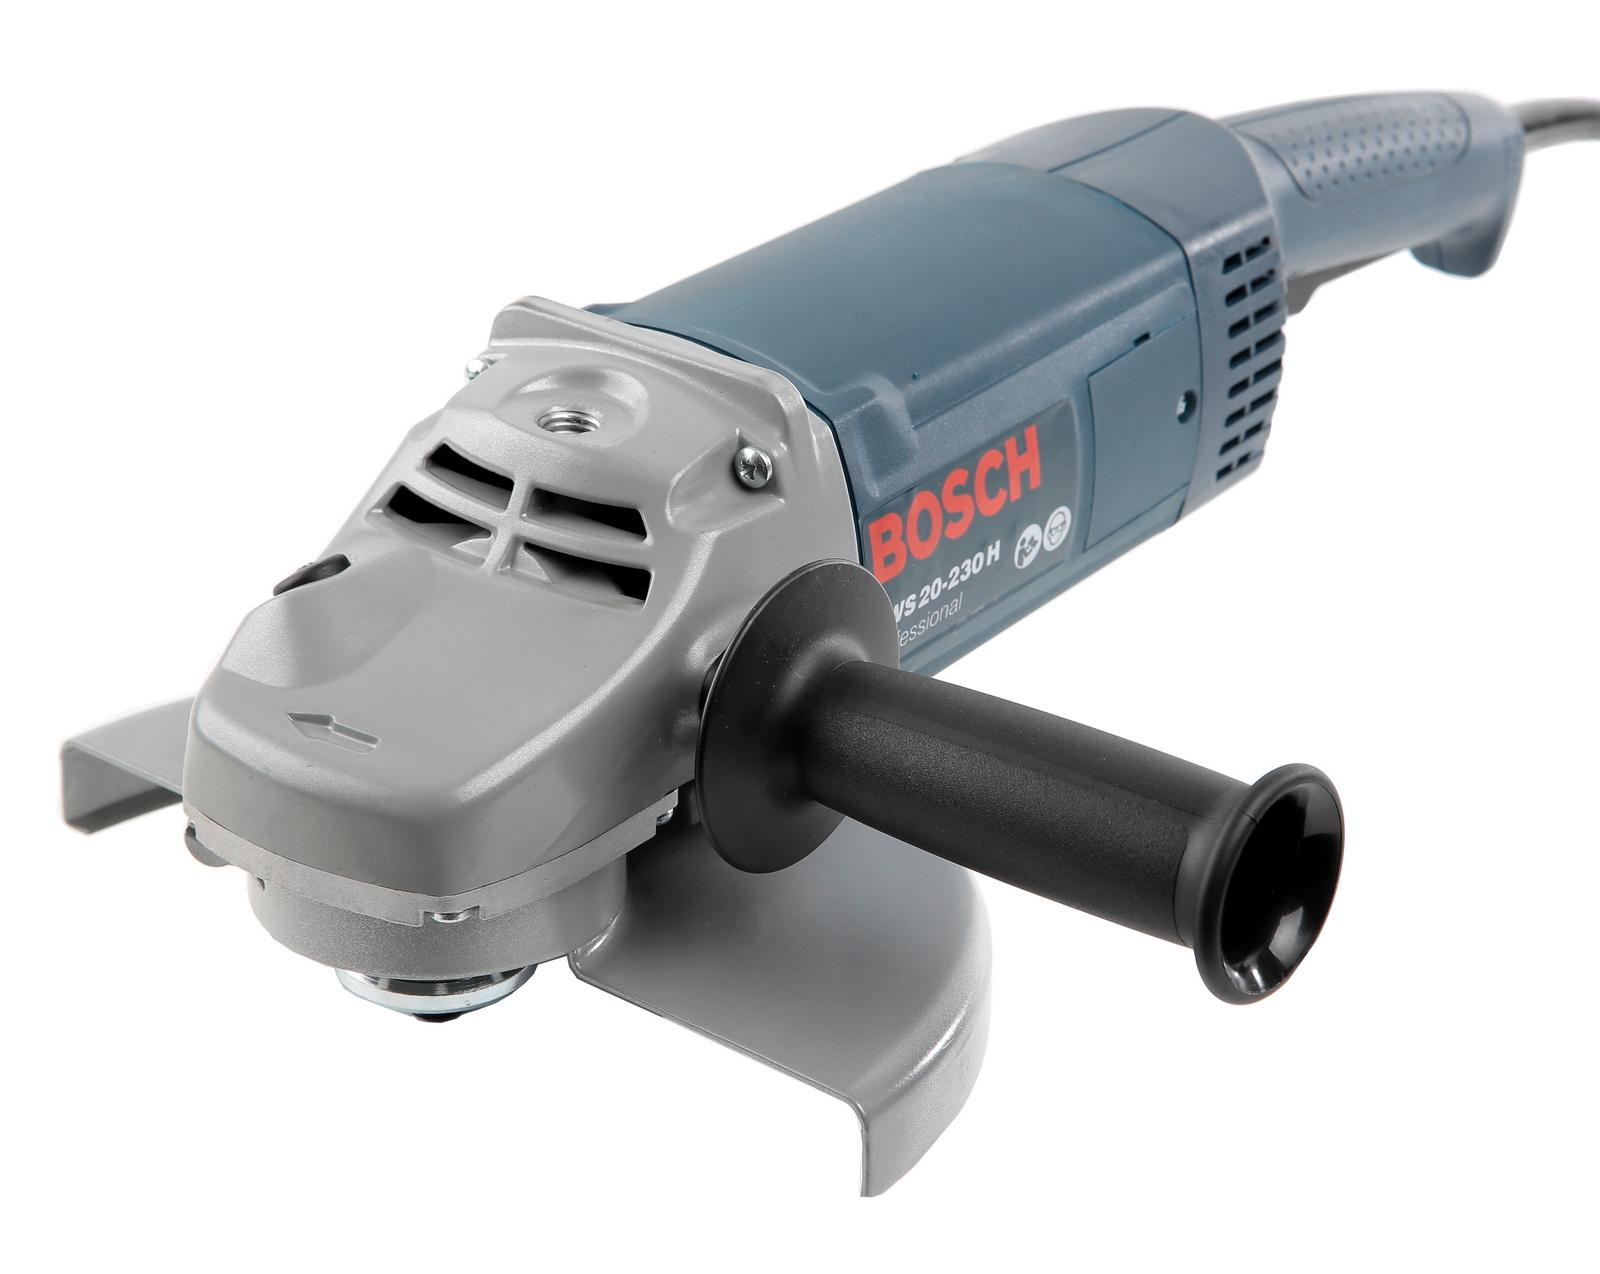 УШМ (болгарка) Bosch Gws 20-230 h (0.601.850.107) болгарка bosch gws 1000